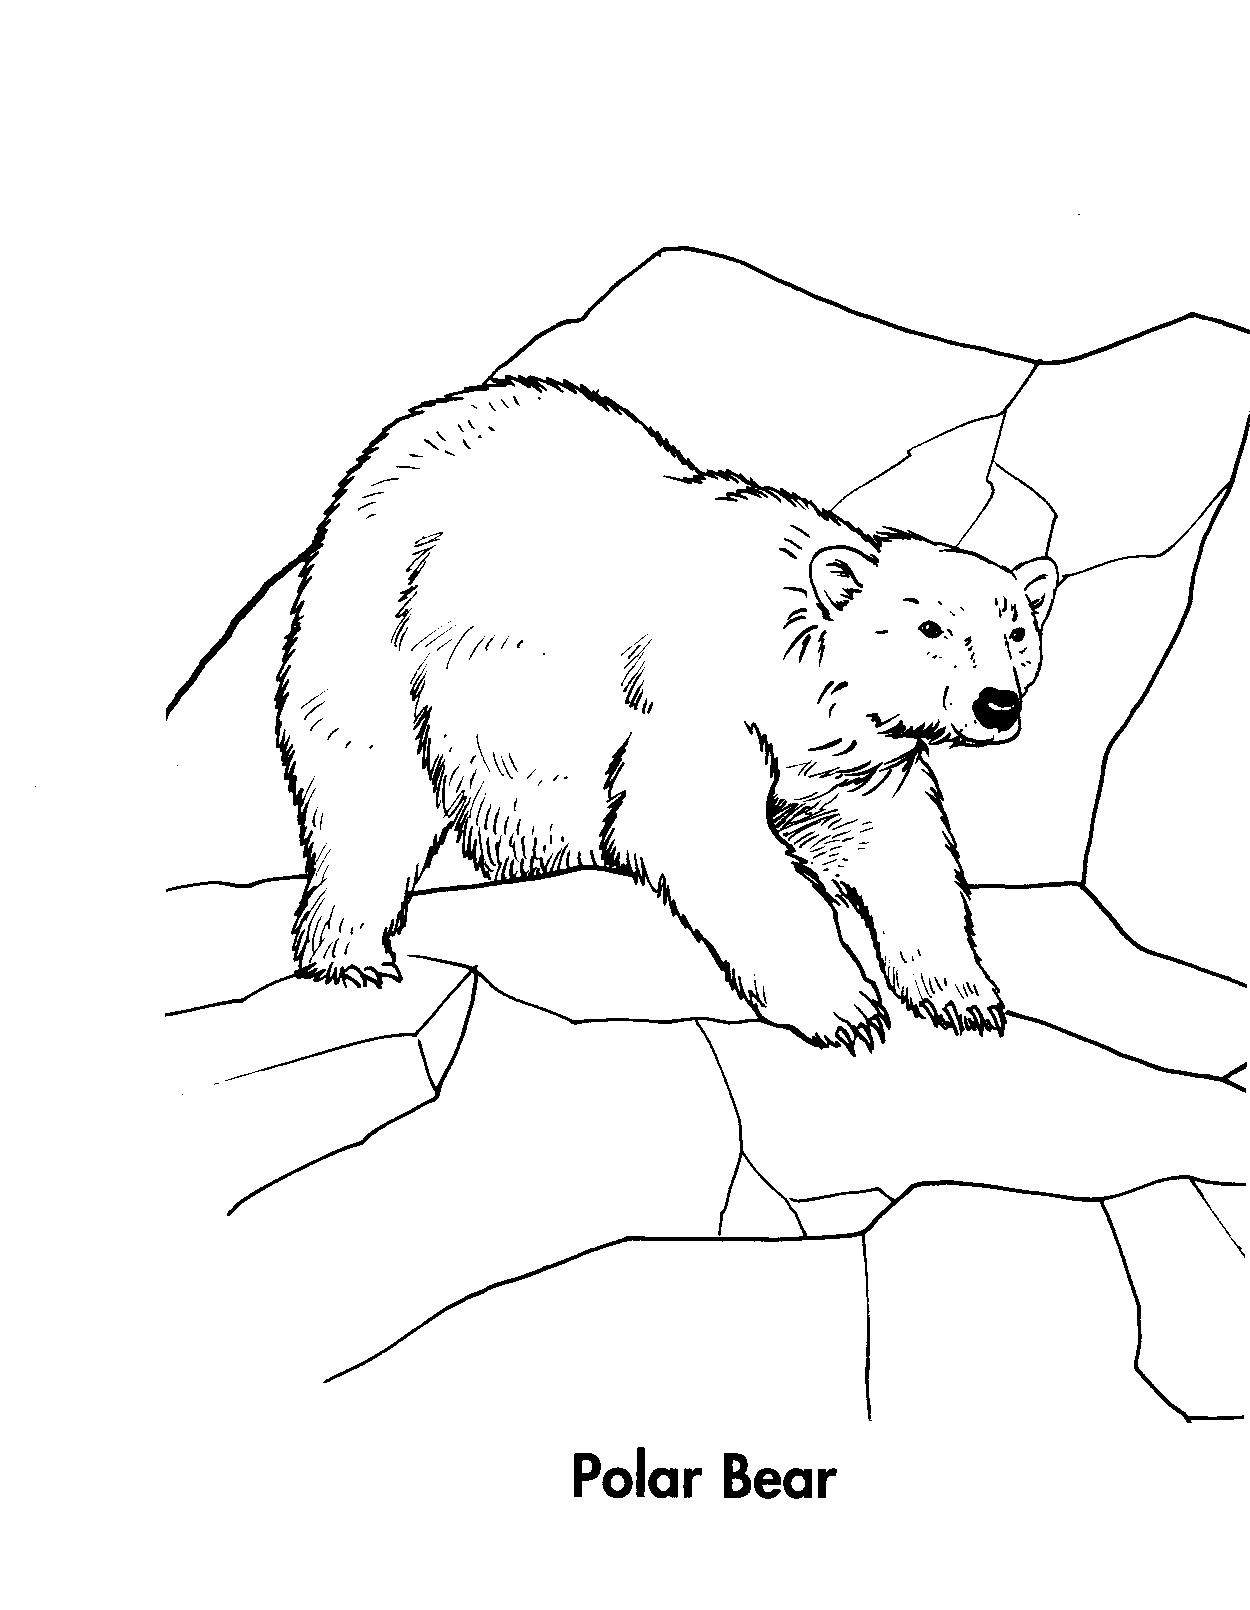 Polar Bear Head Drawing At Getdrawings